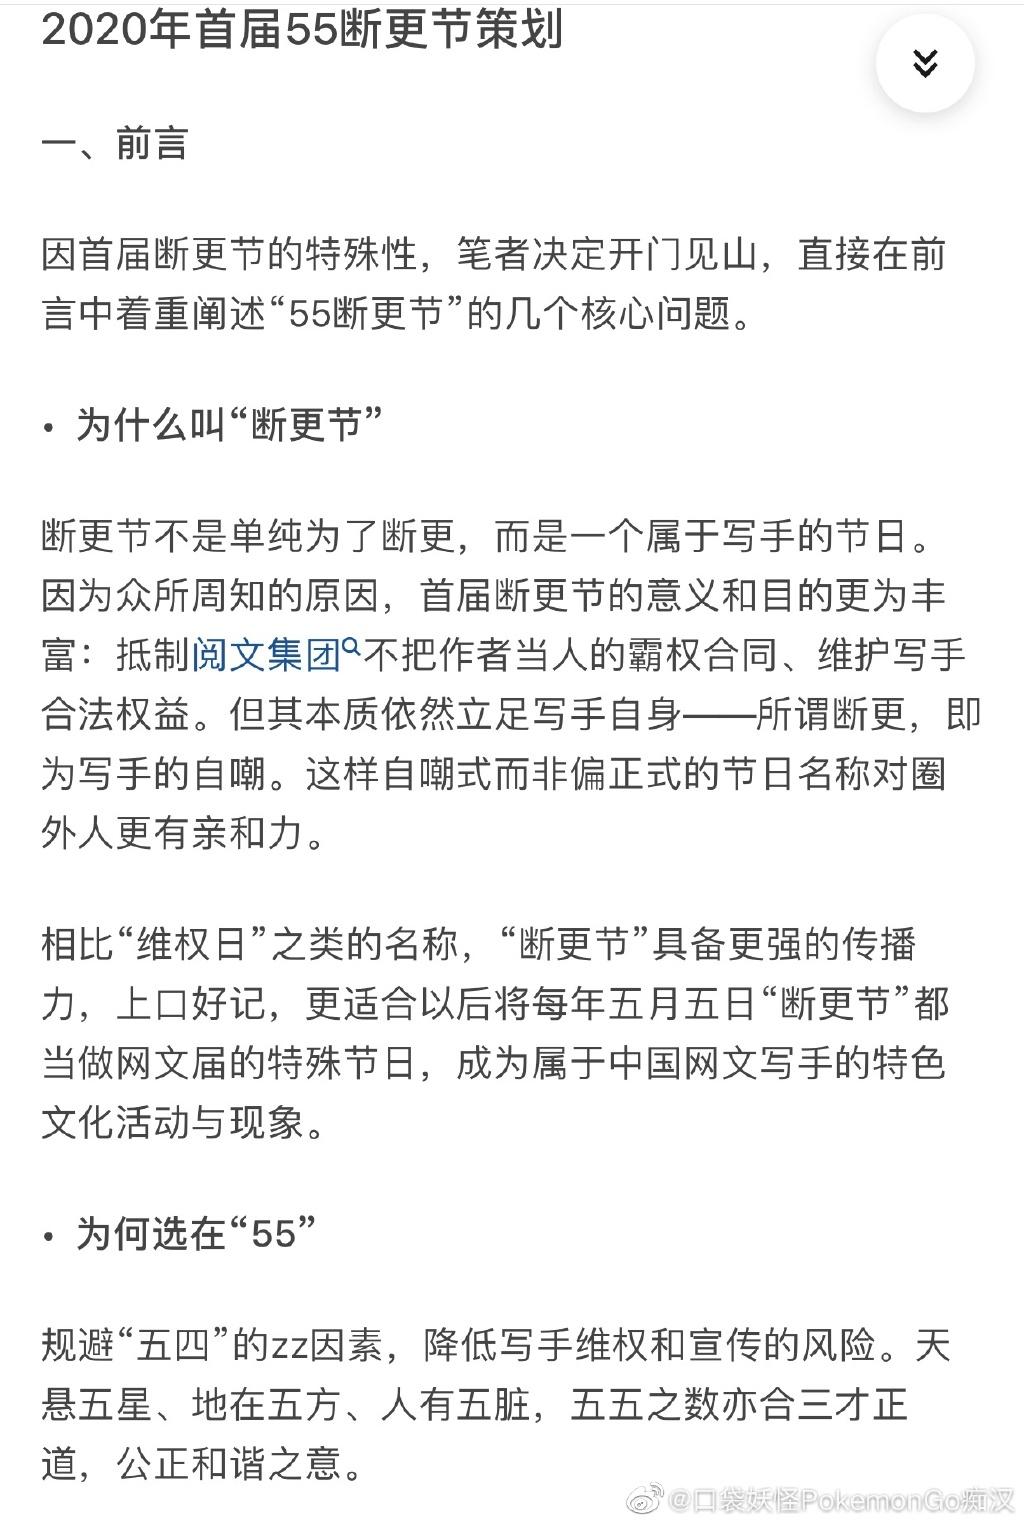 """阅文合同事件后续:大**,网文界""""第一届5.5断更节"""" liuliushe.net六六社 第3张"""